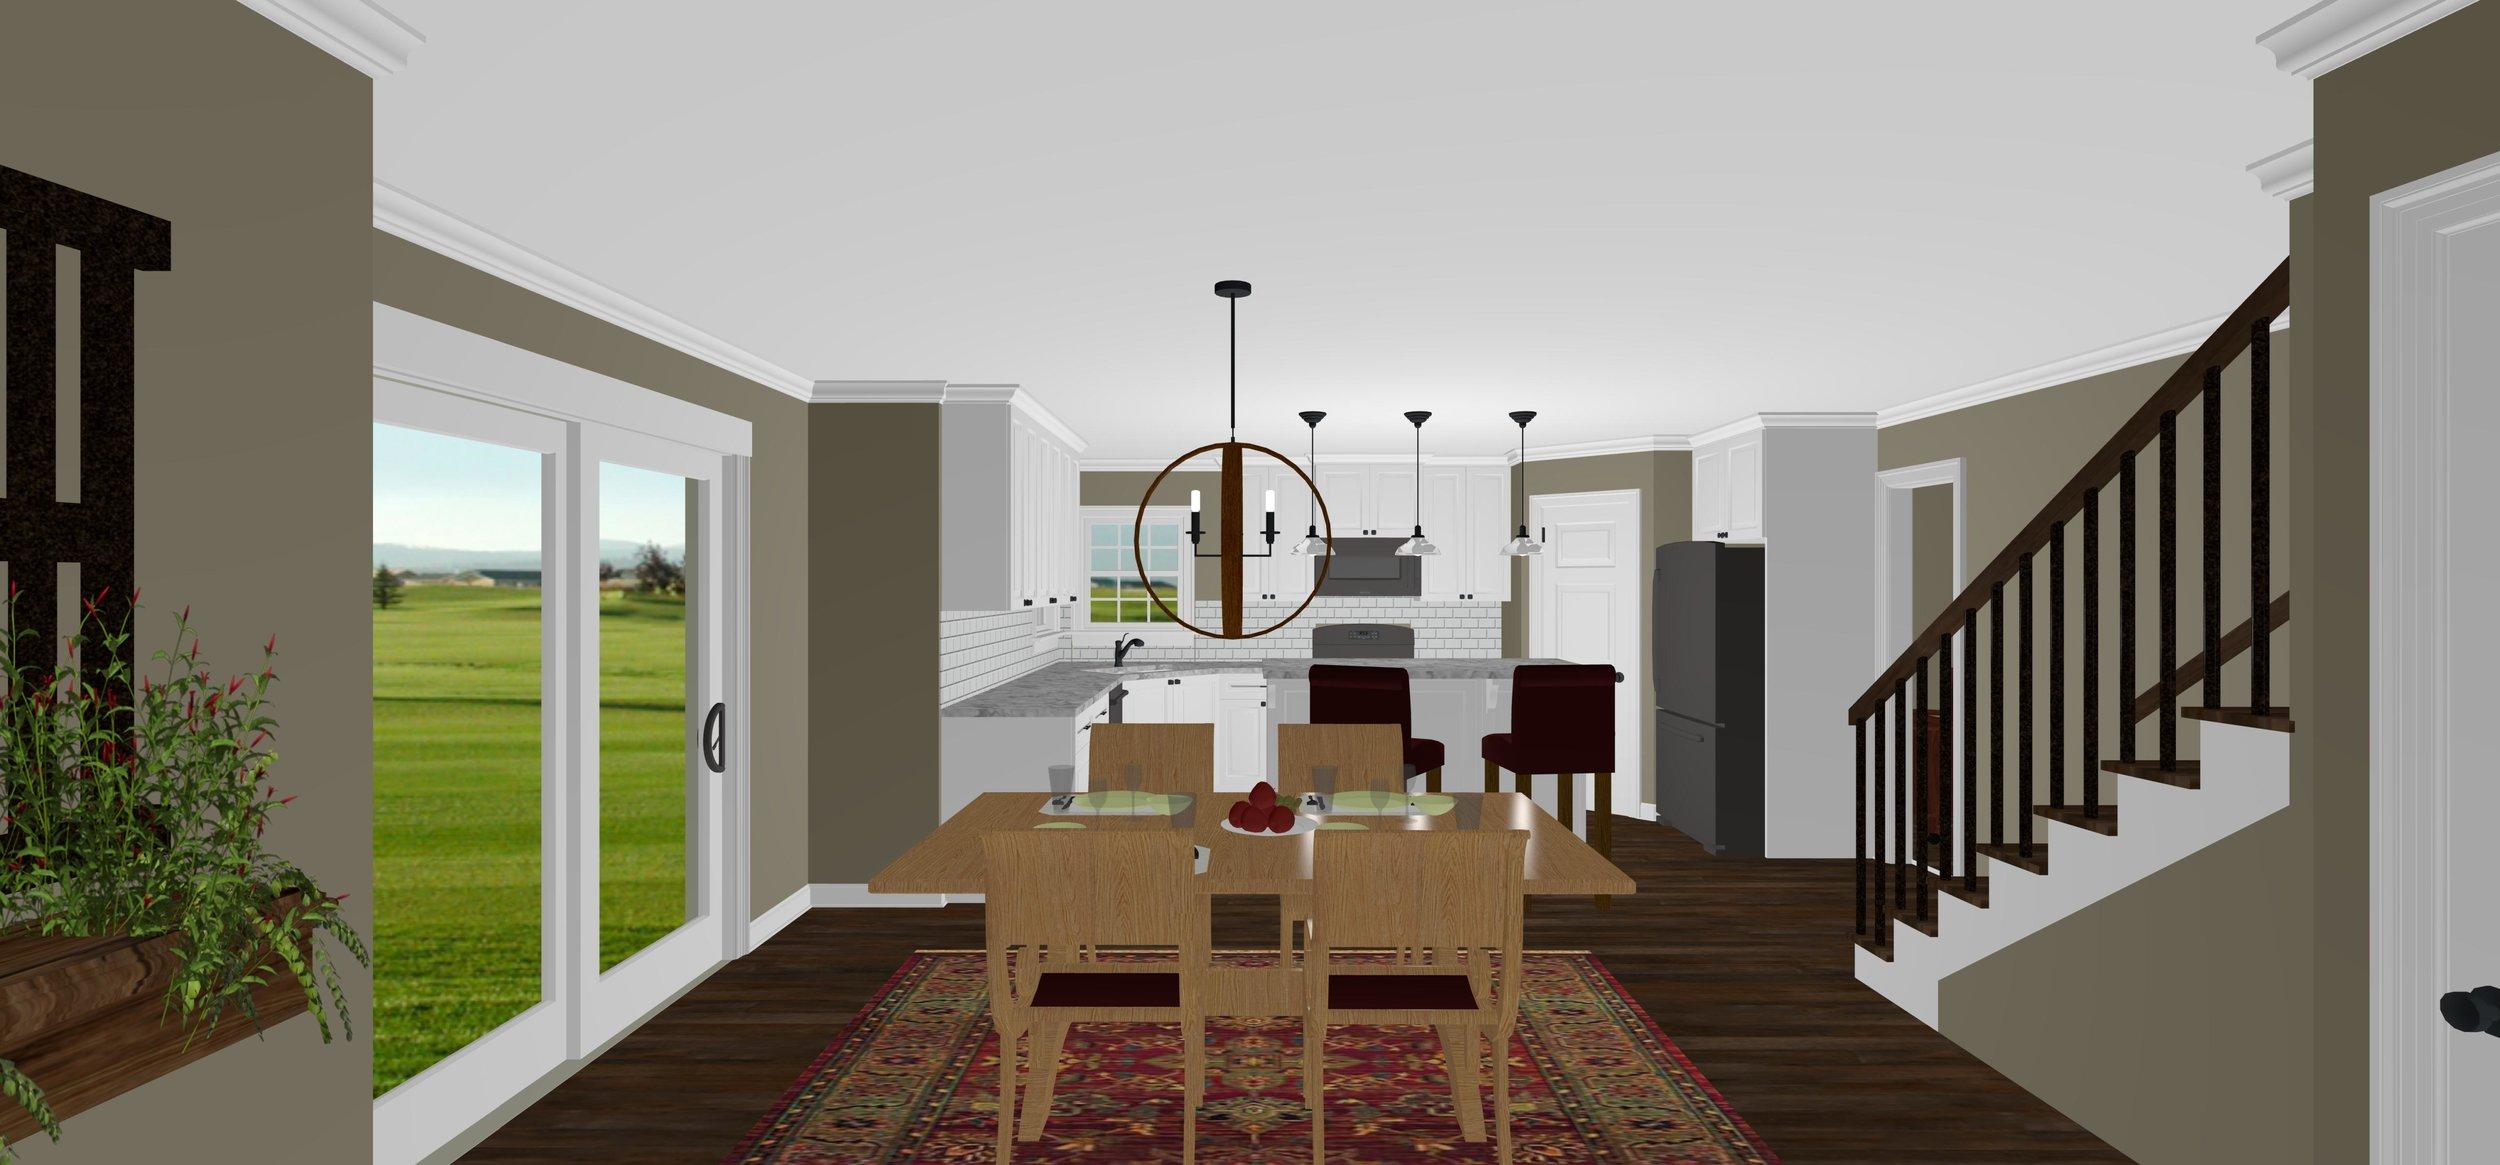 2274_Towards Kitchen.jpg